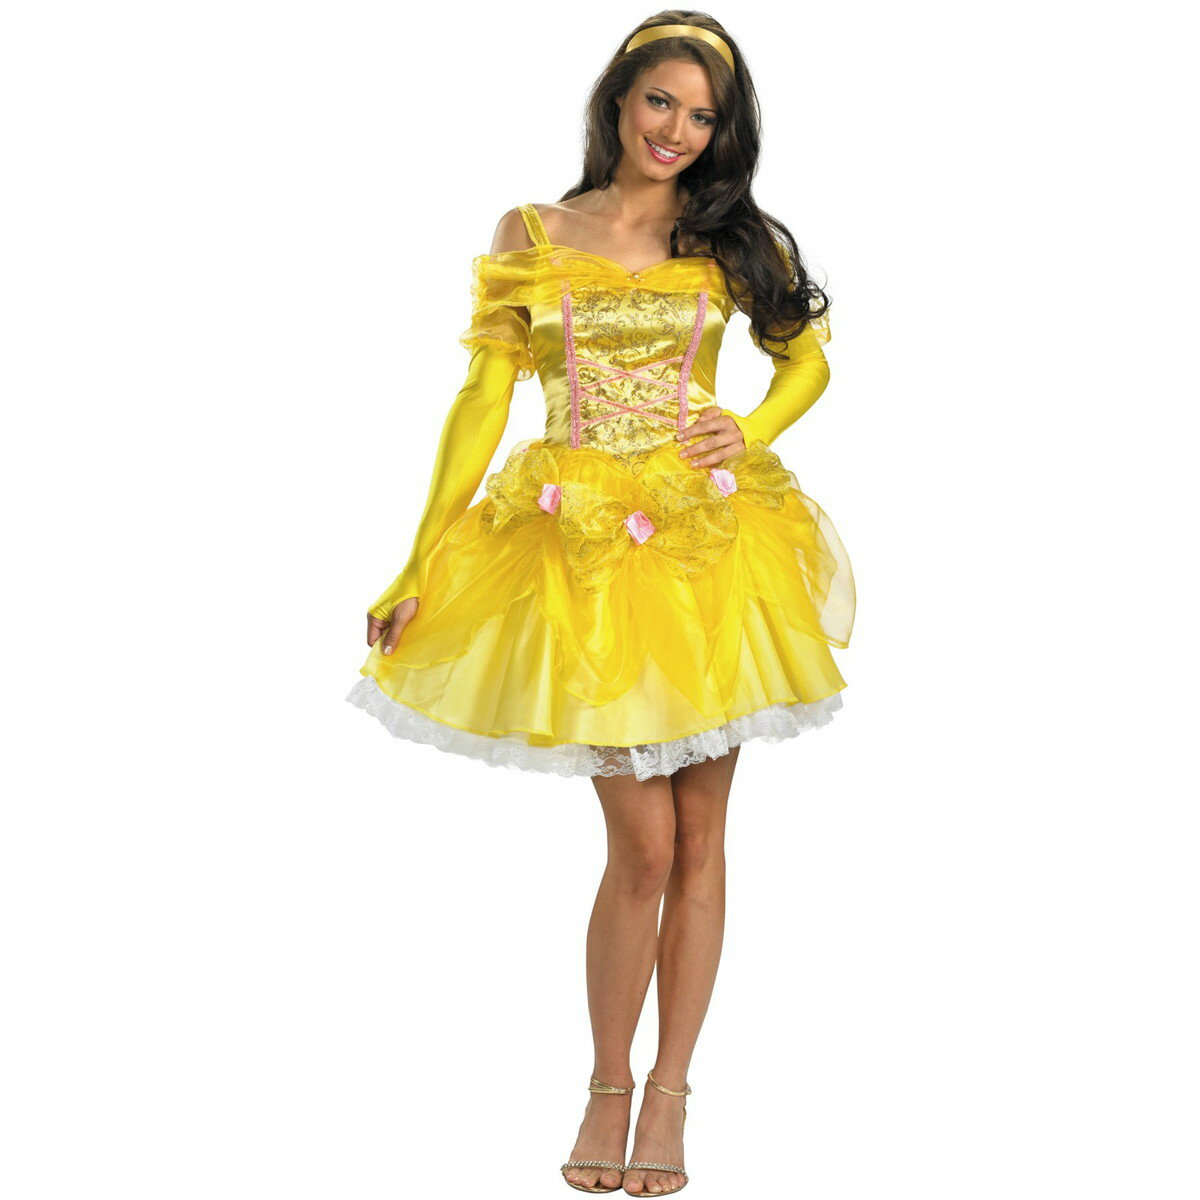 ハロウィン ベル ドレス 衣装 美女と野獣 コスプレ コスチューム ディズニープリンセス 大人 女性用 レディース 仮装 グッズ